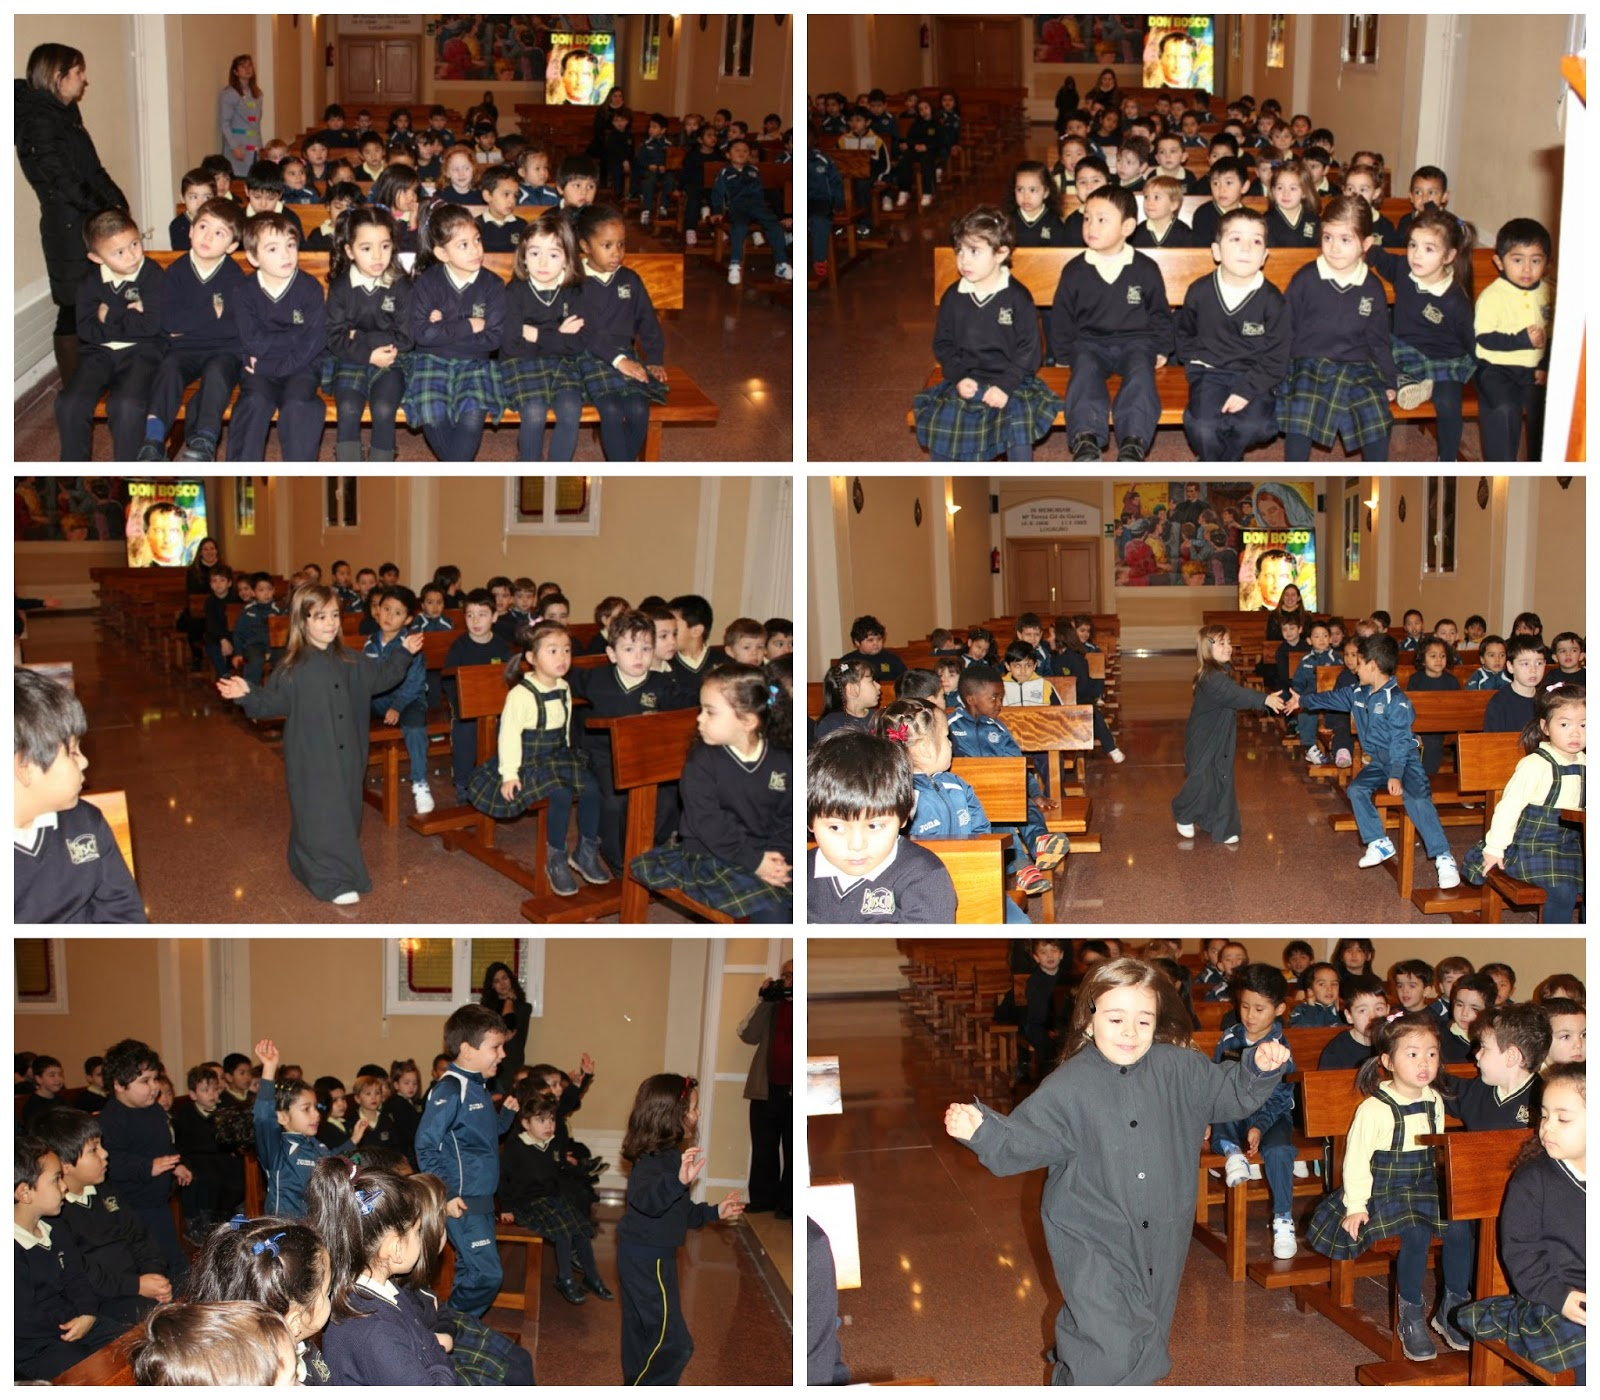 http://infantilpastoral.blogspot.com.es/2015/01/viva-juan-bosco-infantil.html